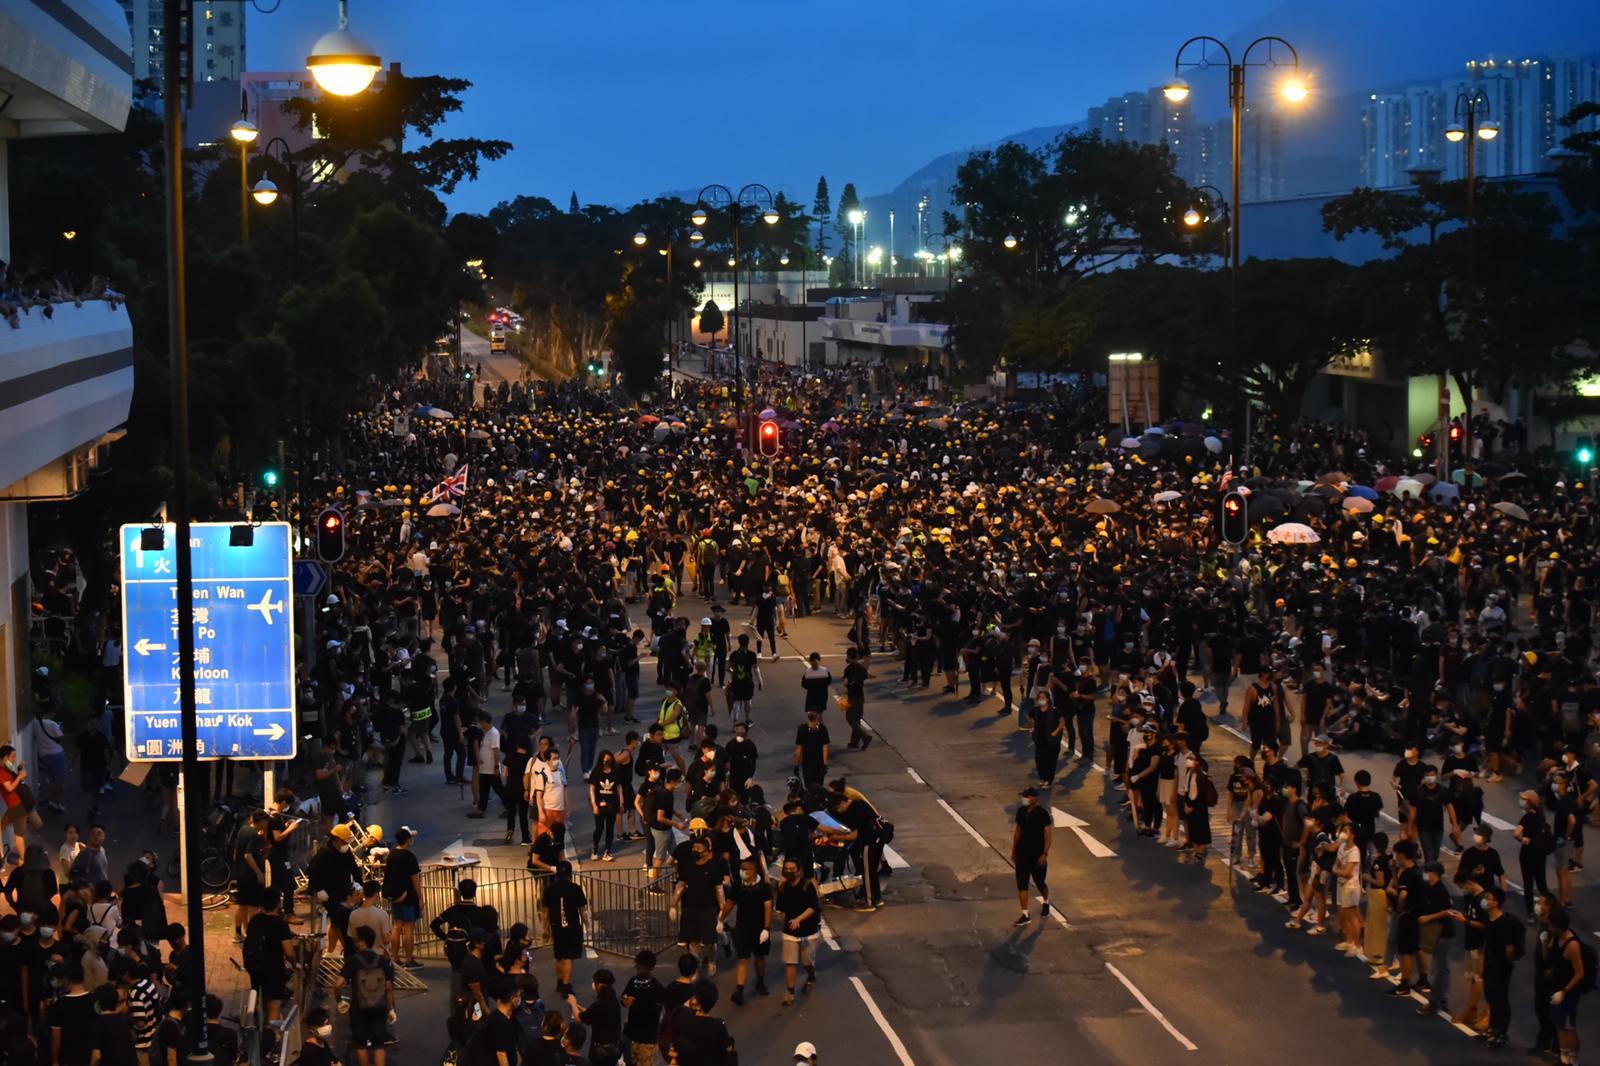 大批示威者佔據源禾路一帶道路